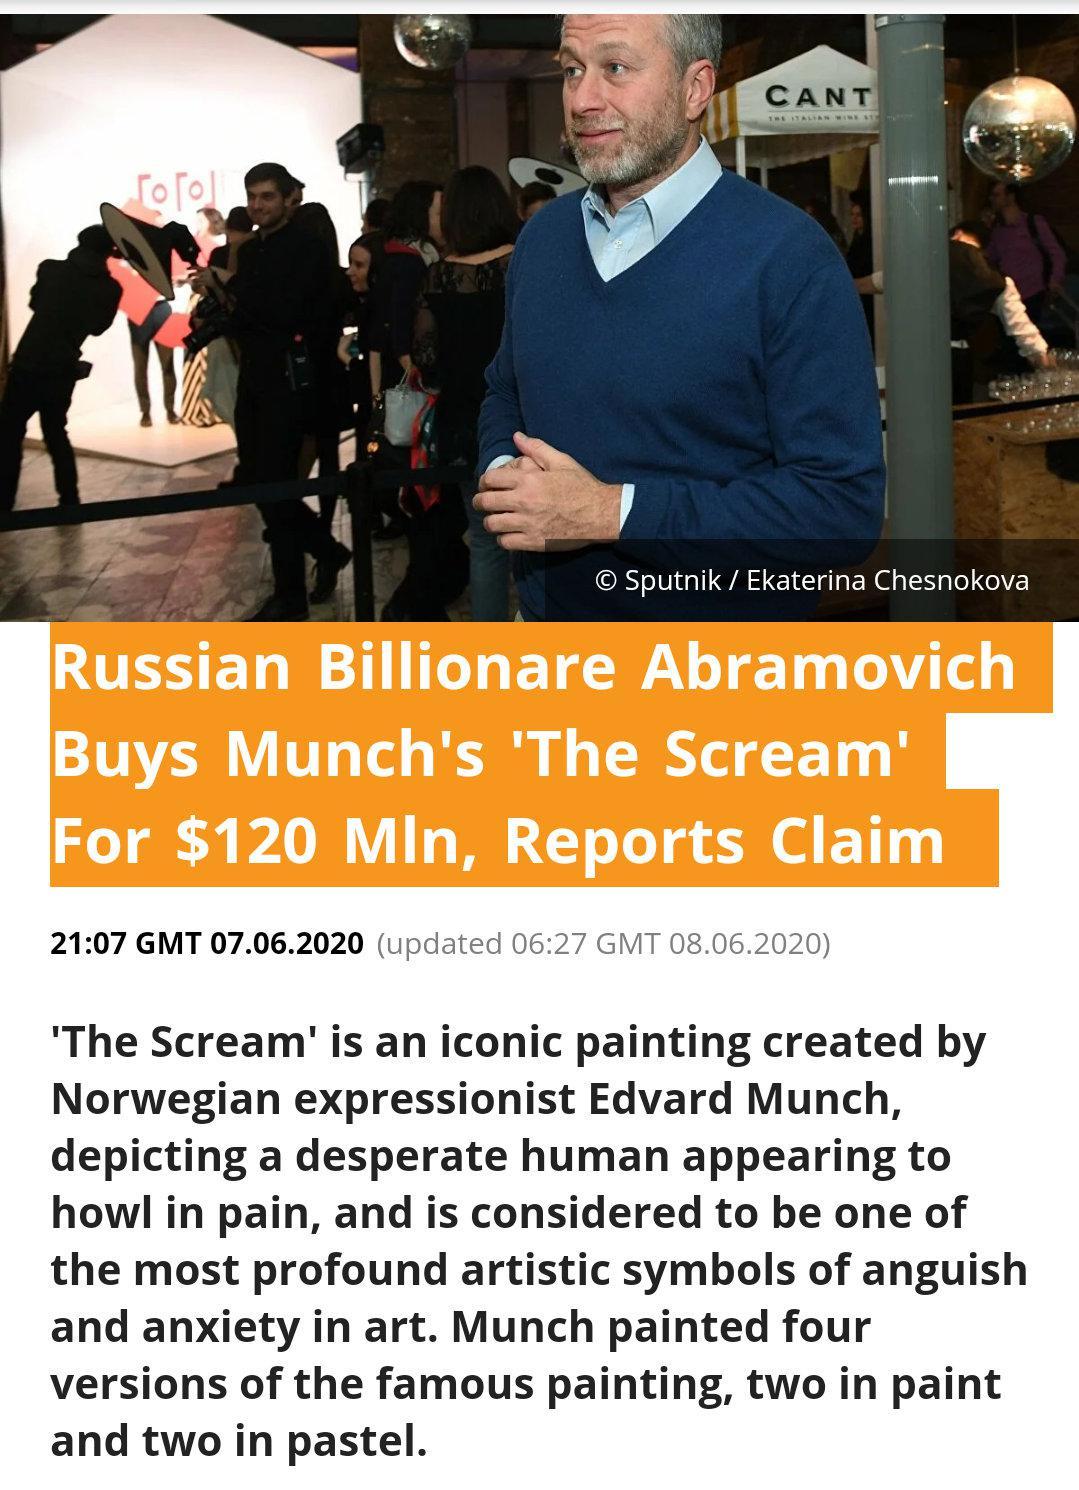 据国外媒体报道,切尔西老板阿布拉莫维奇花费1.2亿美元拍下蒙